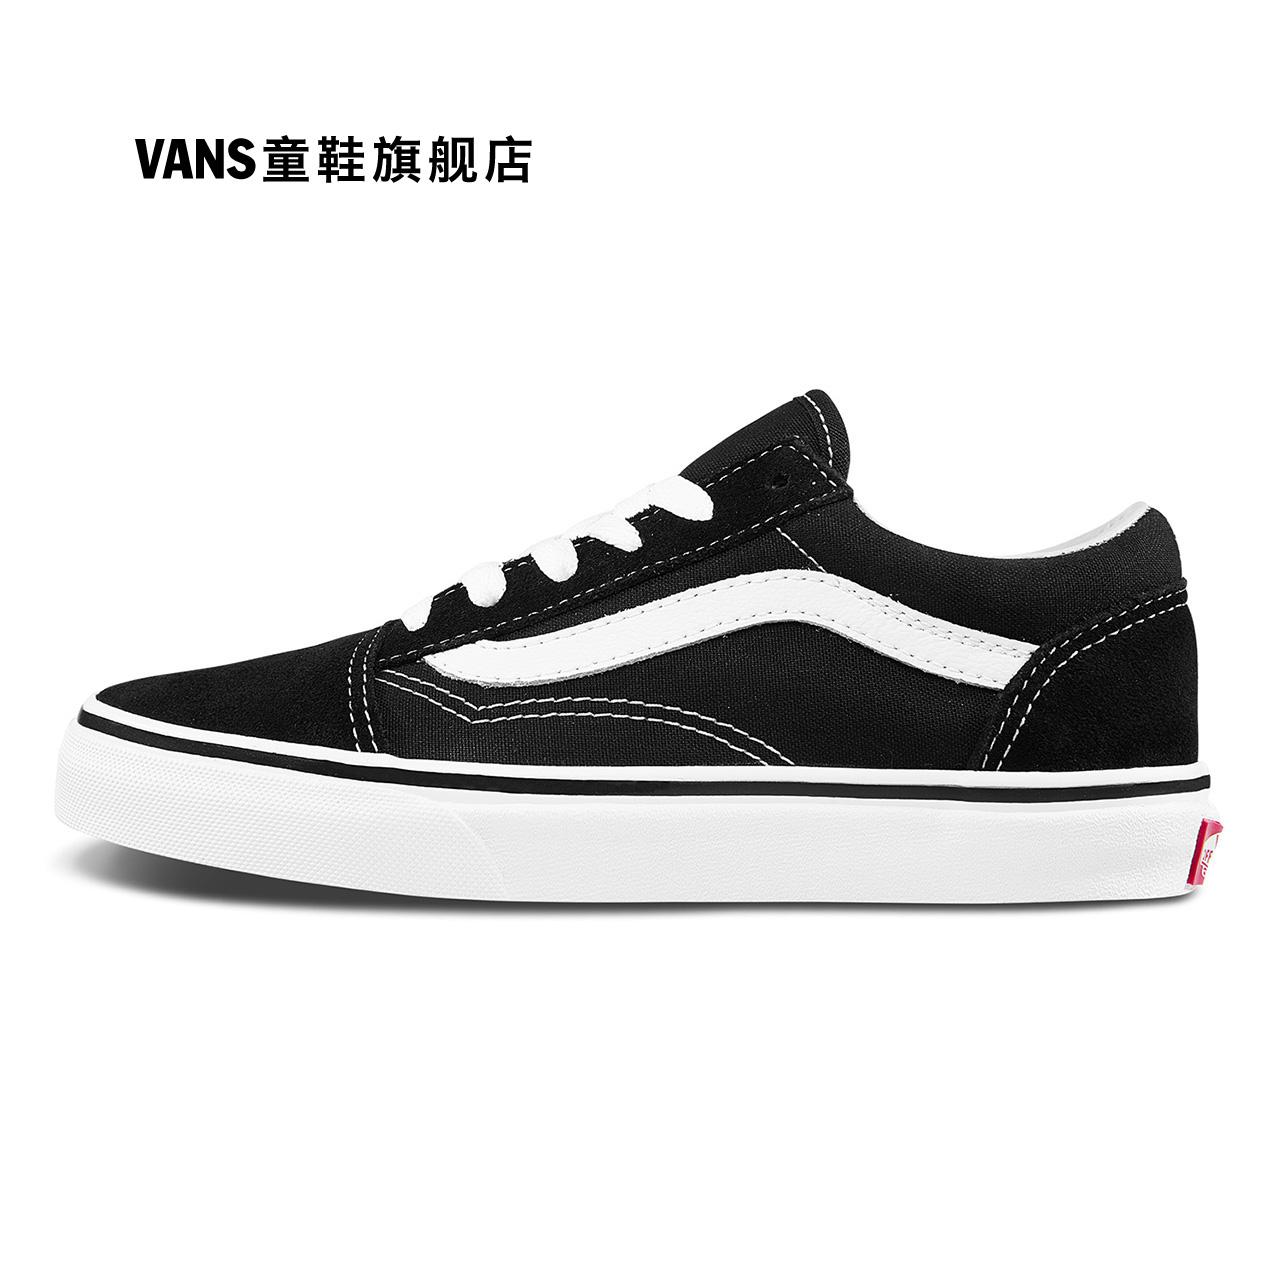 Vans范斯童鞋 夏季儿童宝宝鞋板鞋 经典款常青款低帮亲子男童女童